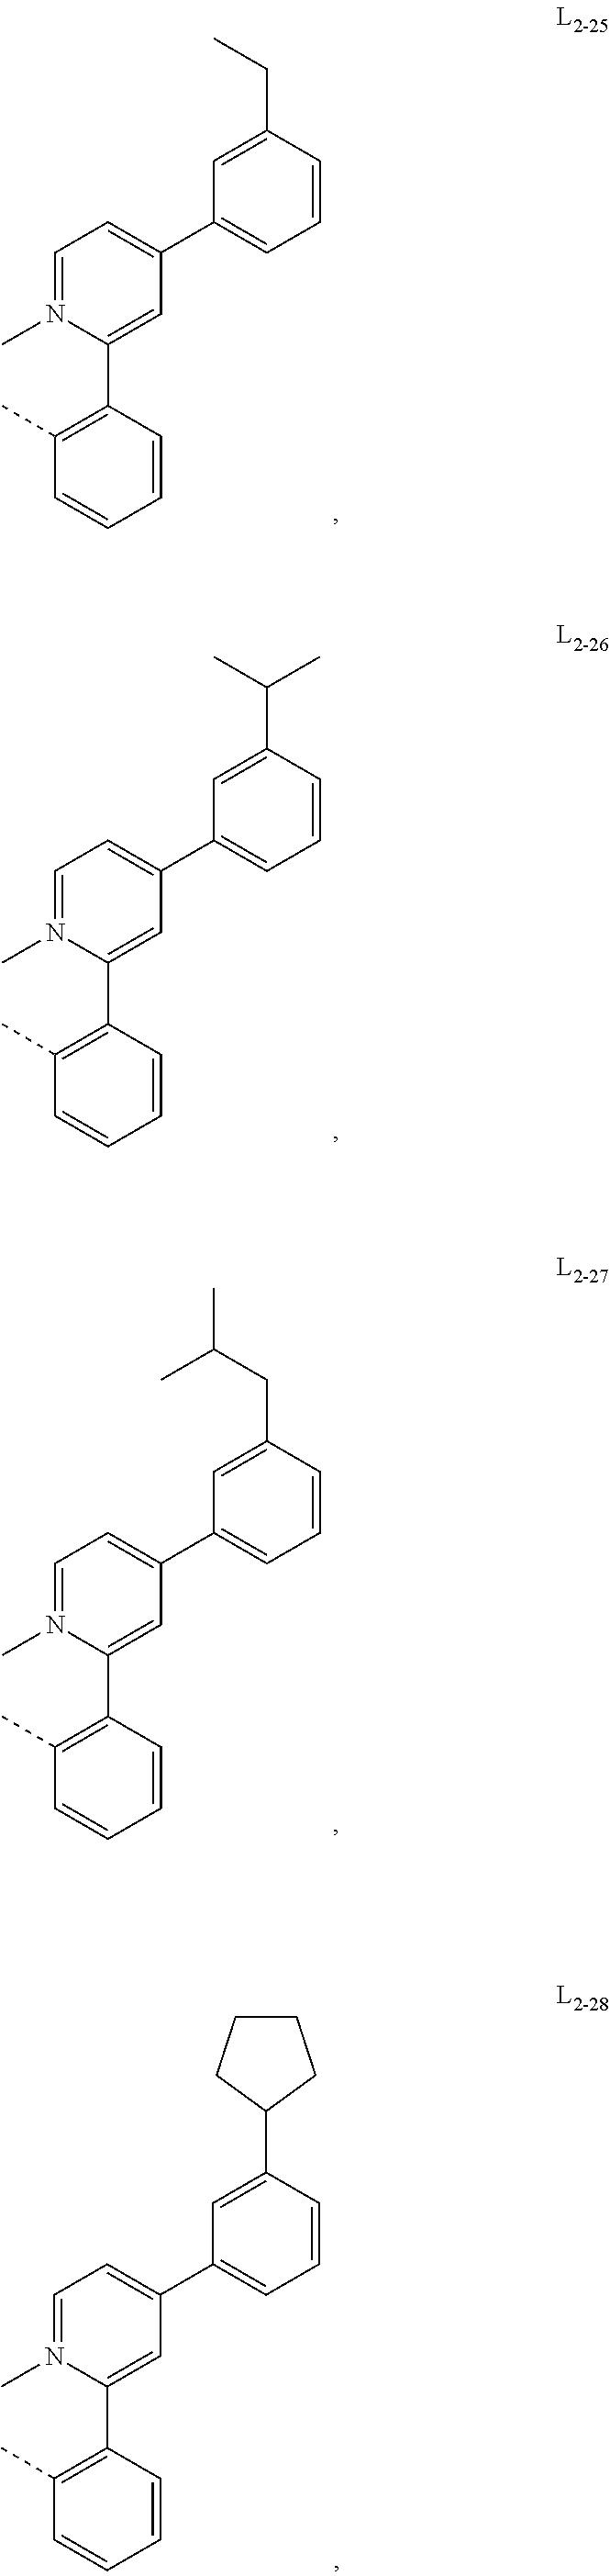 Figure US10074806-20180911-C00056